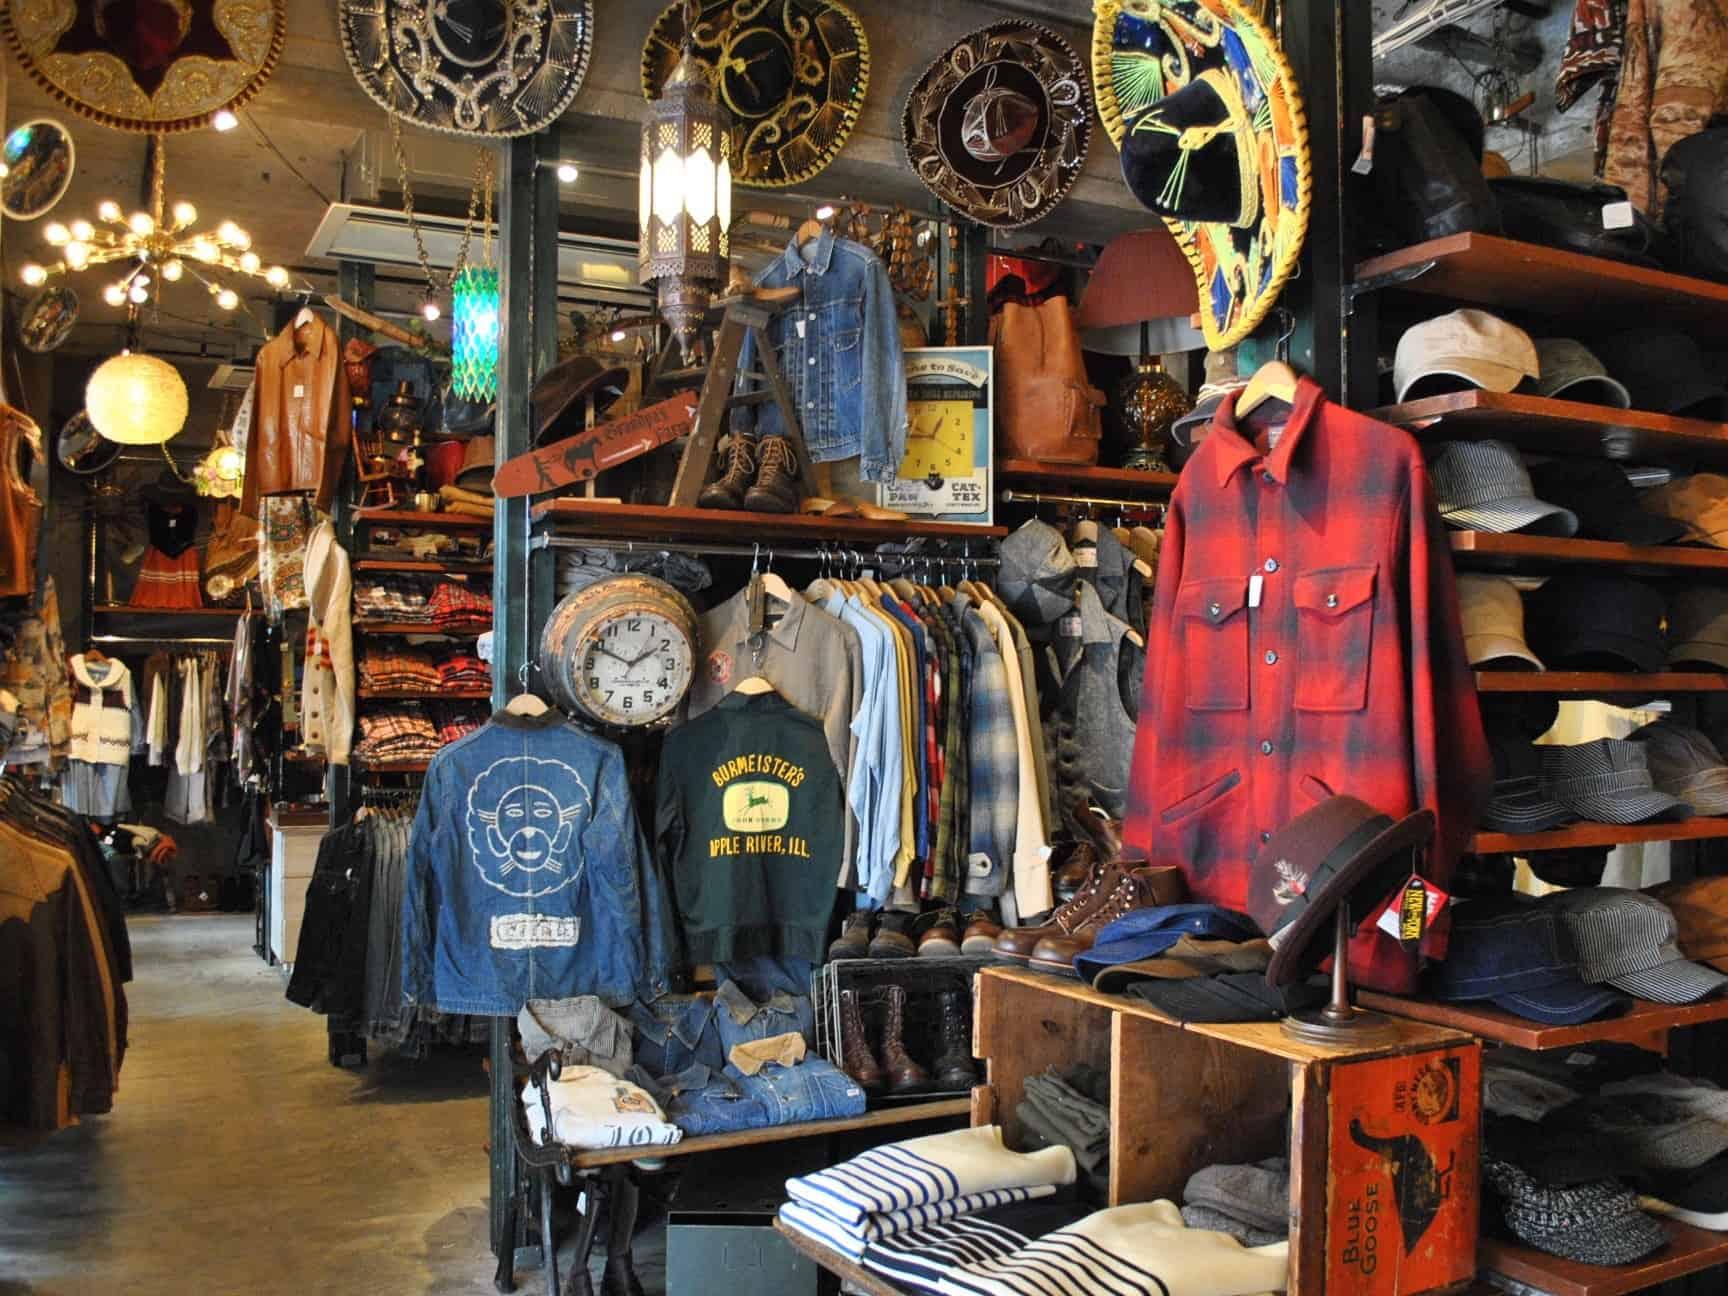 สินค้ามือสองภายในร้าน Big Time ที่ย่านชิโมะคิตะซาว่า (Shimokitazawa)